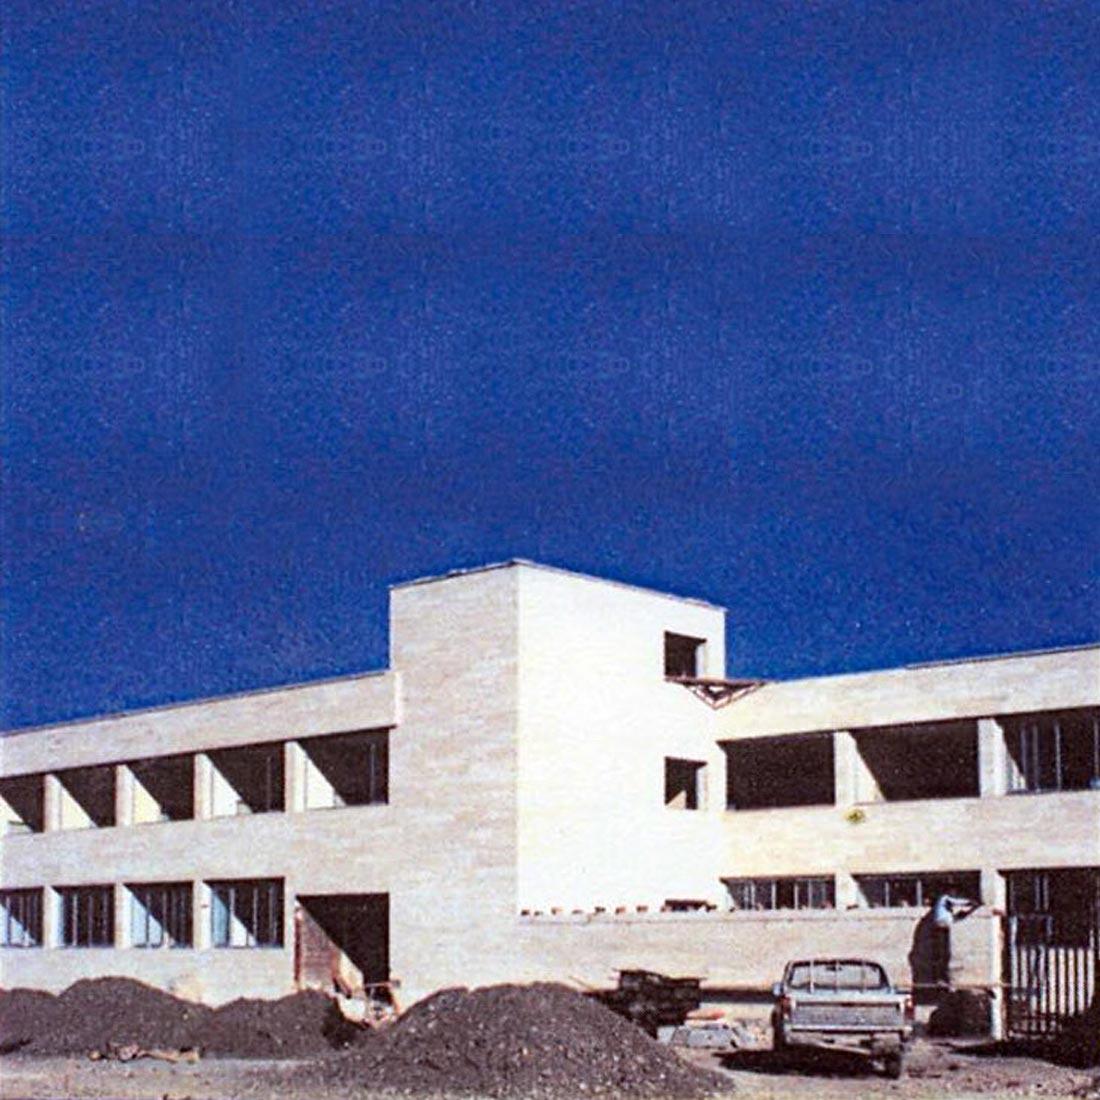 مرکز-پزشکی-درمانی-،-اداری-و-مسکونی-نقده